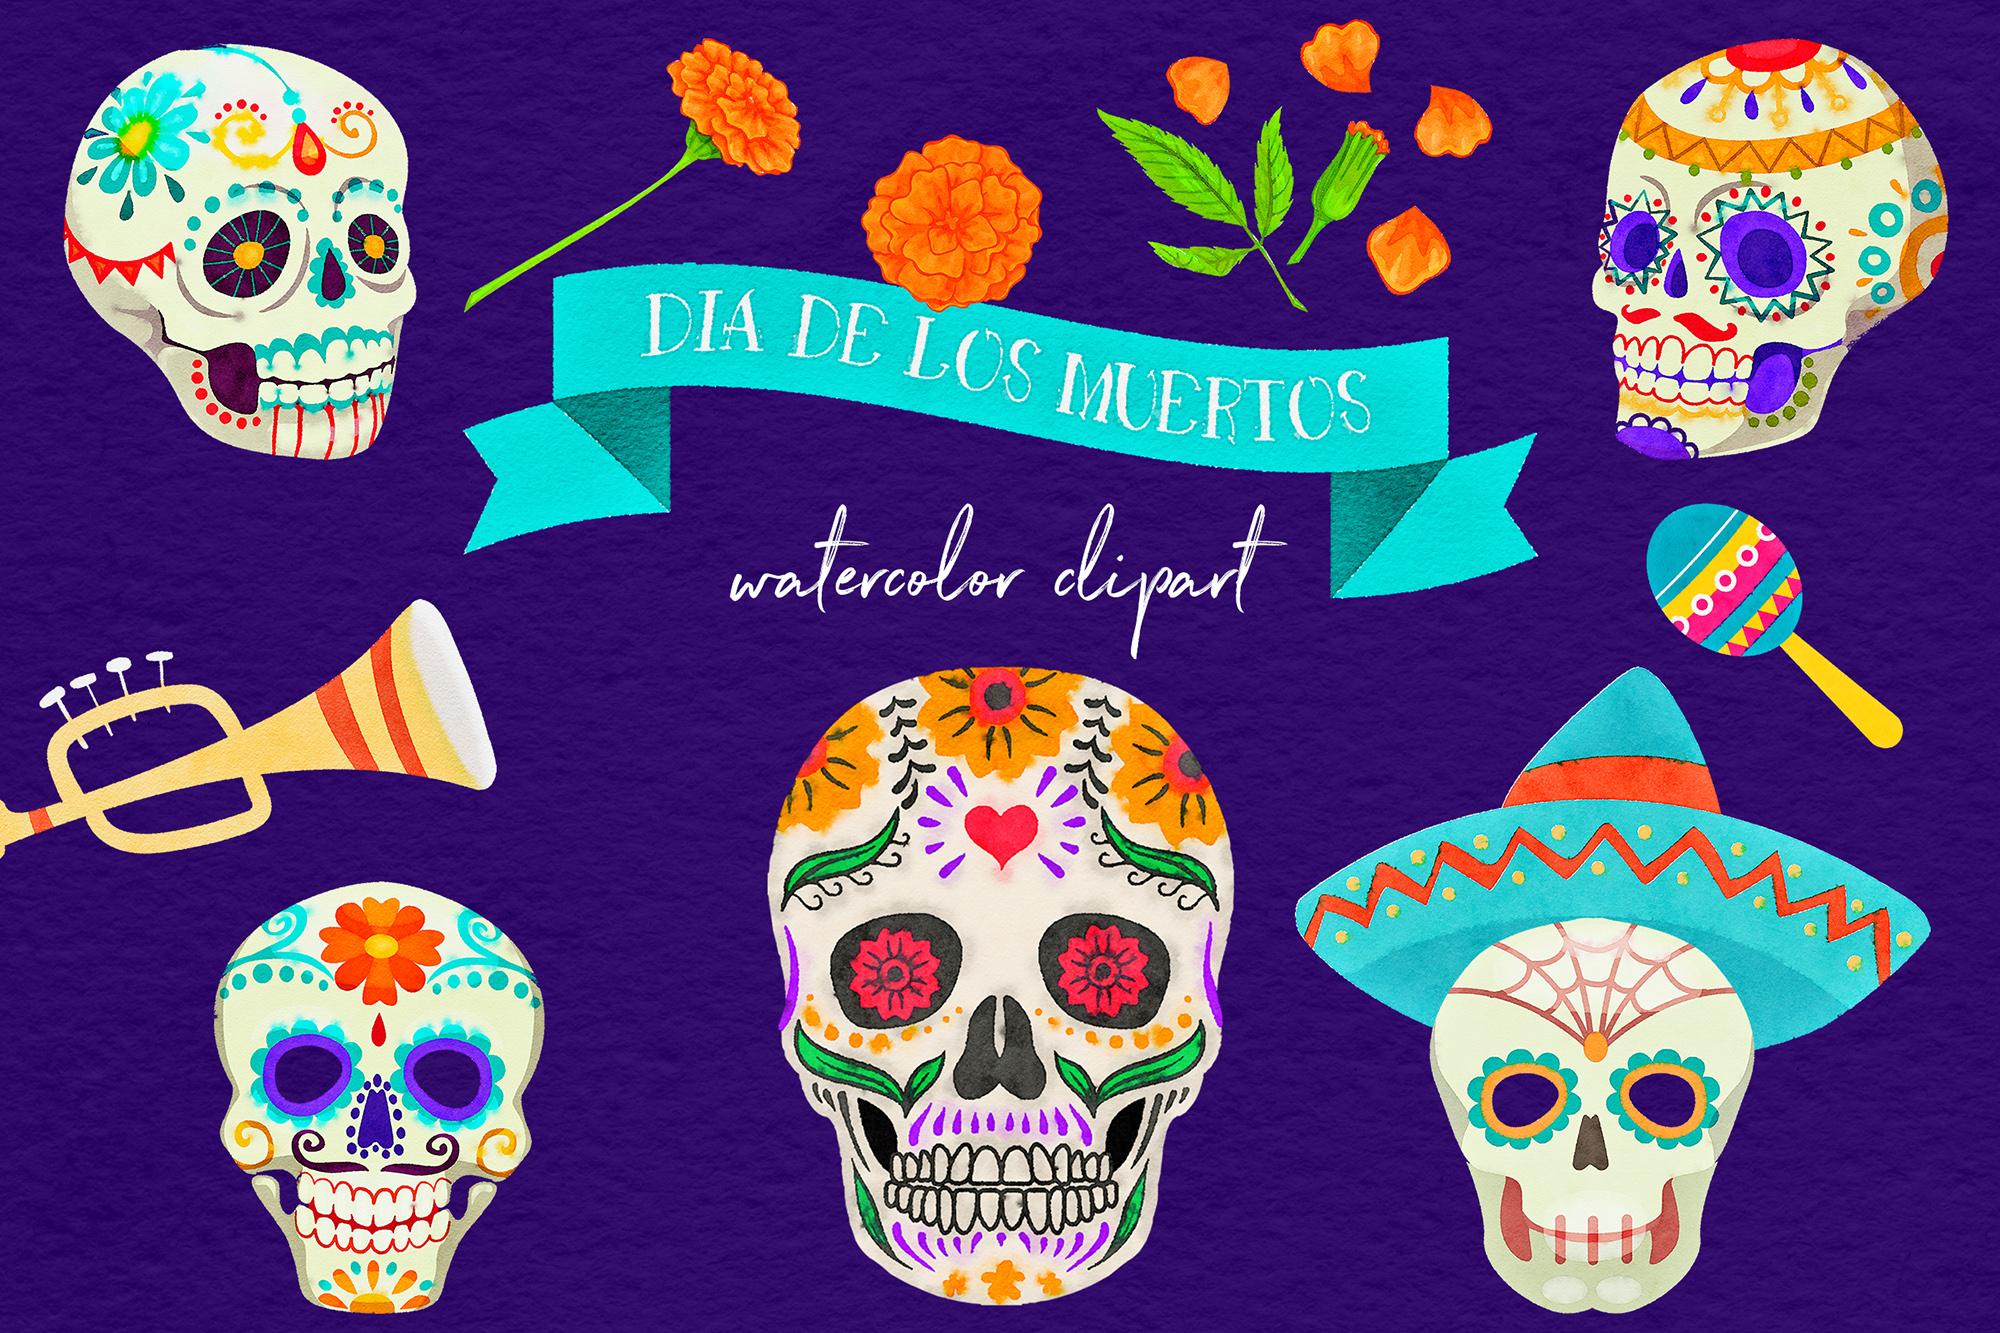 freeuse download Watercolor . Dia de los muertos clipart